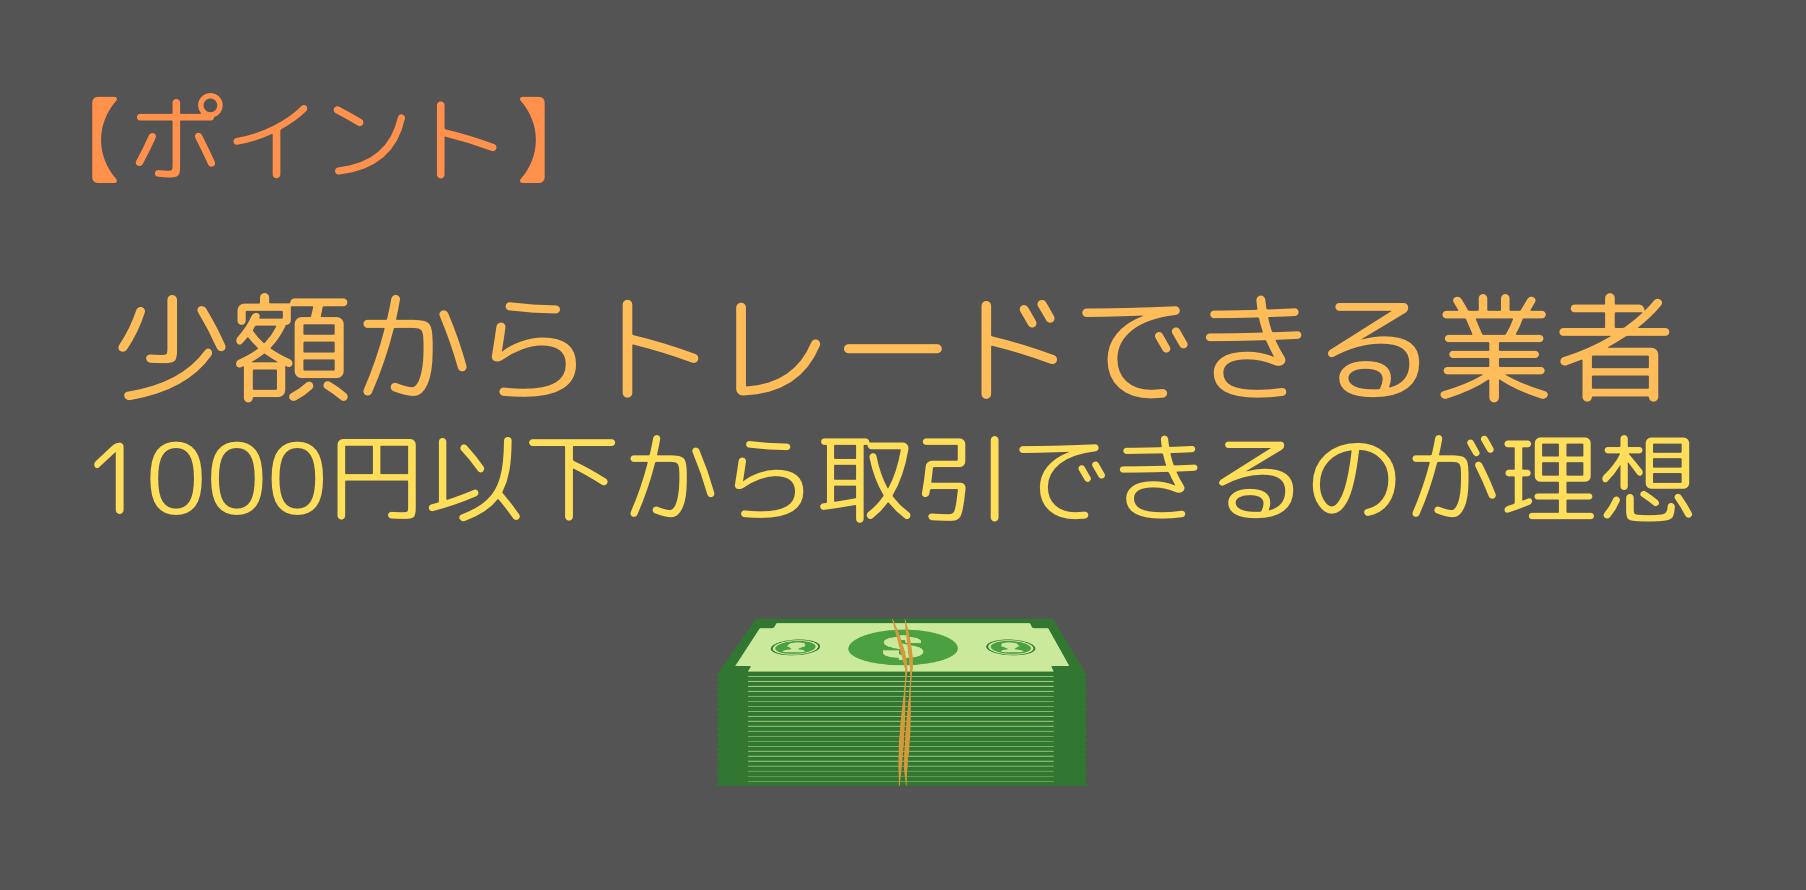 1000円以下で投資ができるサービスを選ぼう